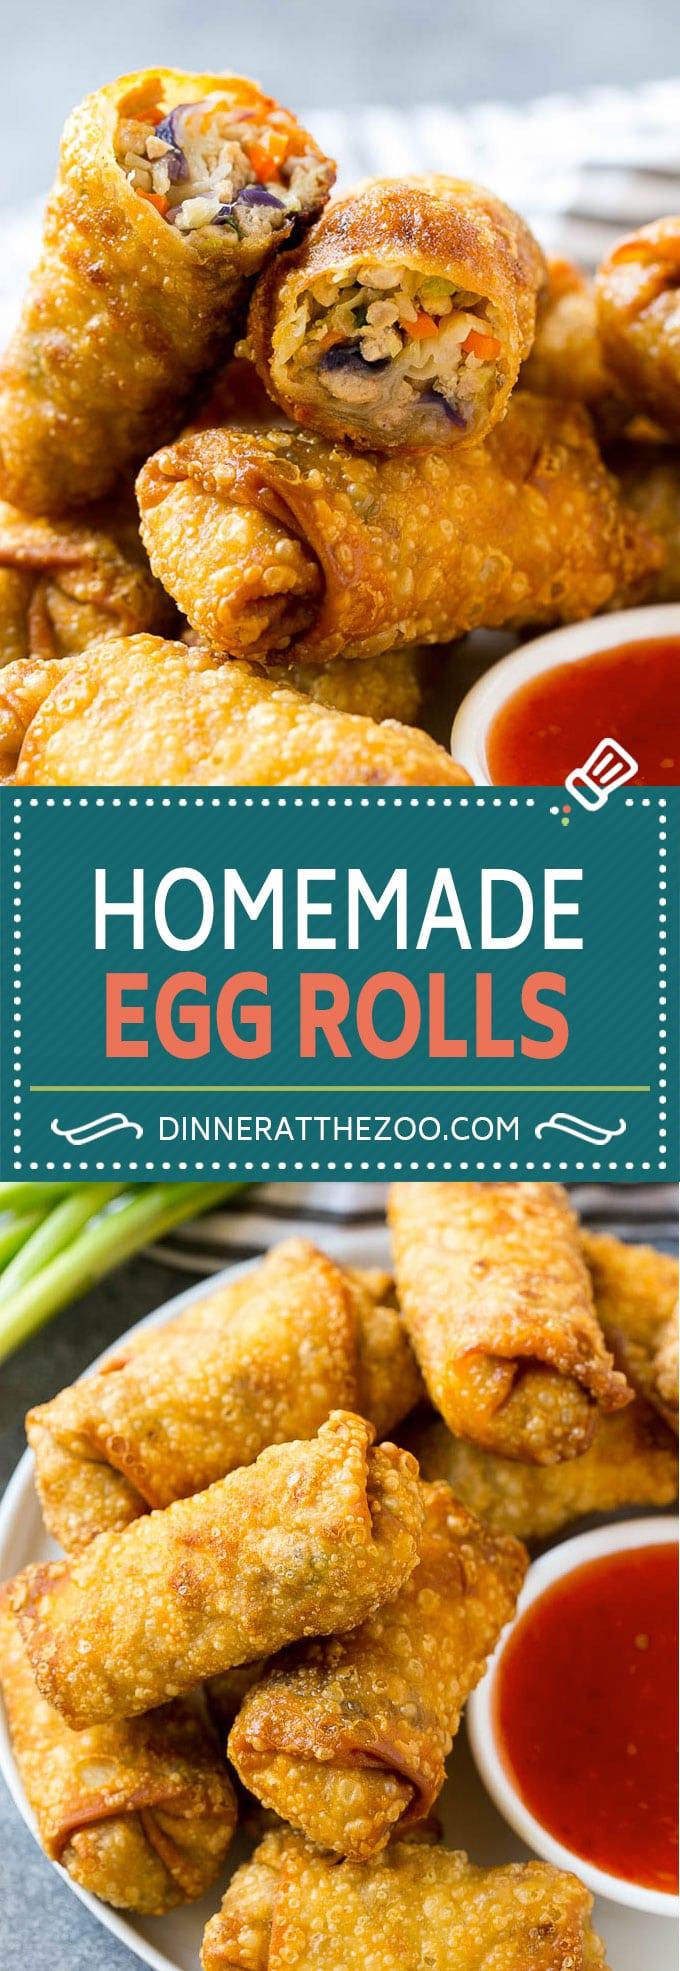 Homemade Egg Rolls | Chinese Egg Rolls | Pork Egg Rolls | Egg Roll Recipe #eggrolls #appetizer #dinneratthezoo #chinesefood